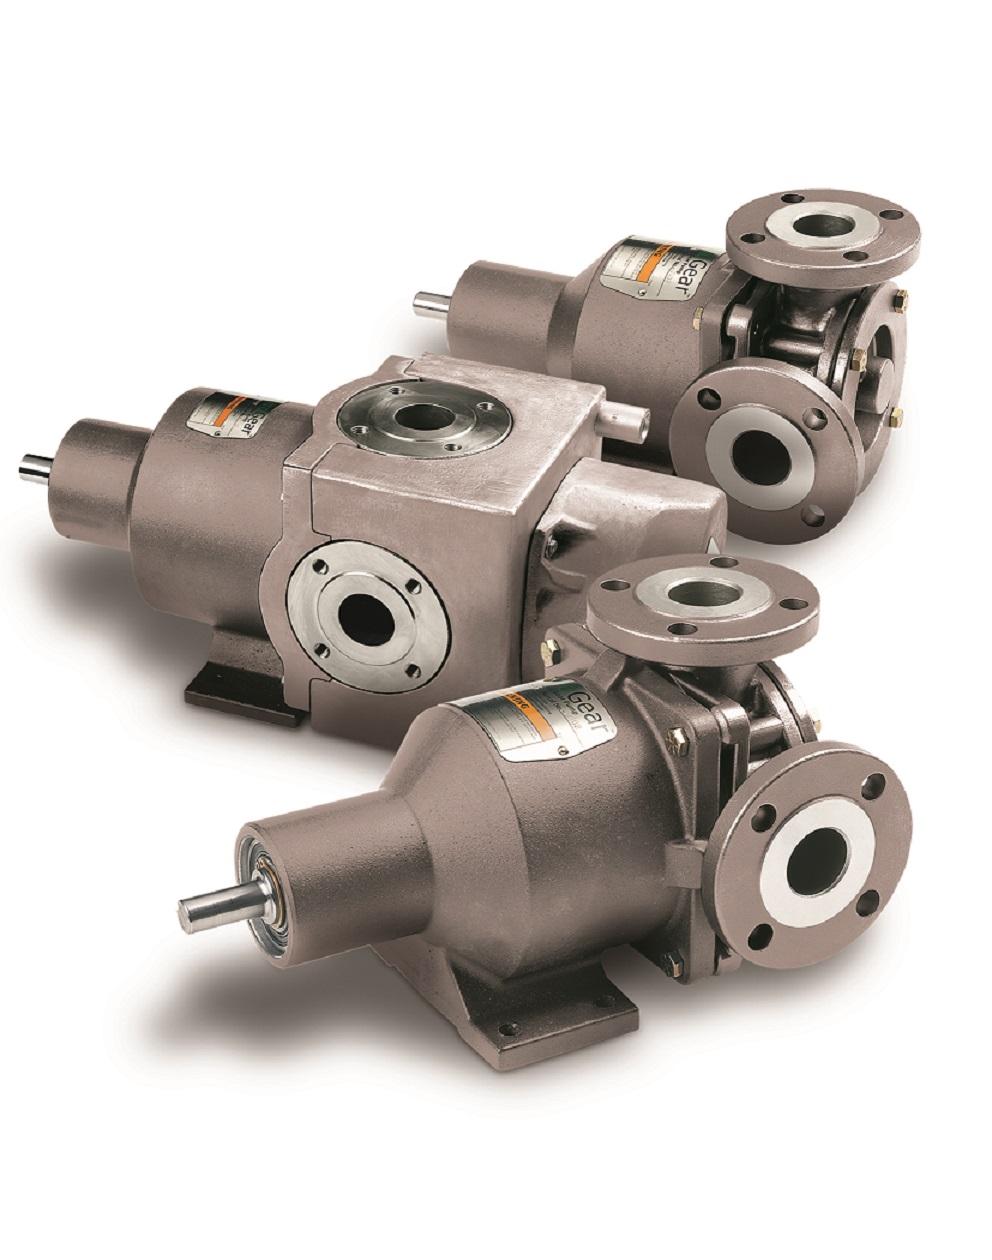 EnviroGear-Pumps